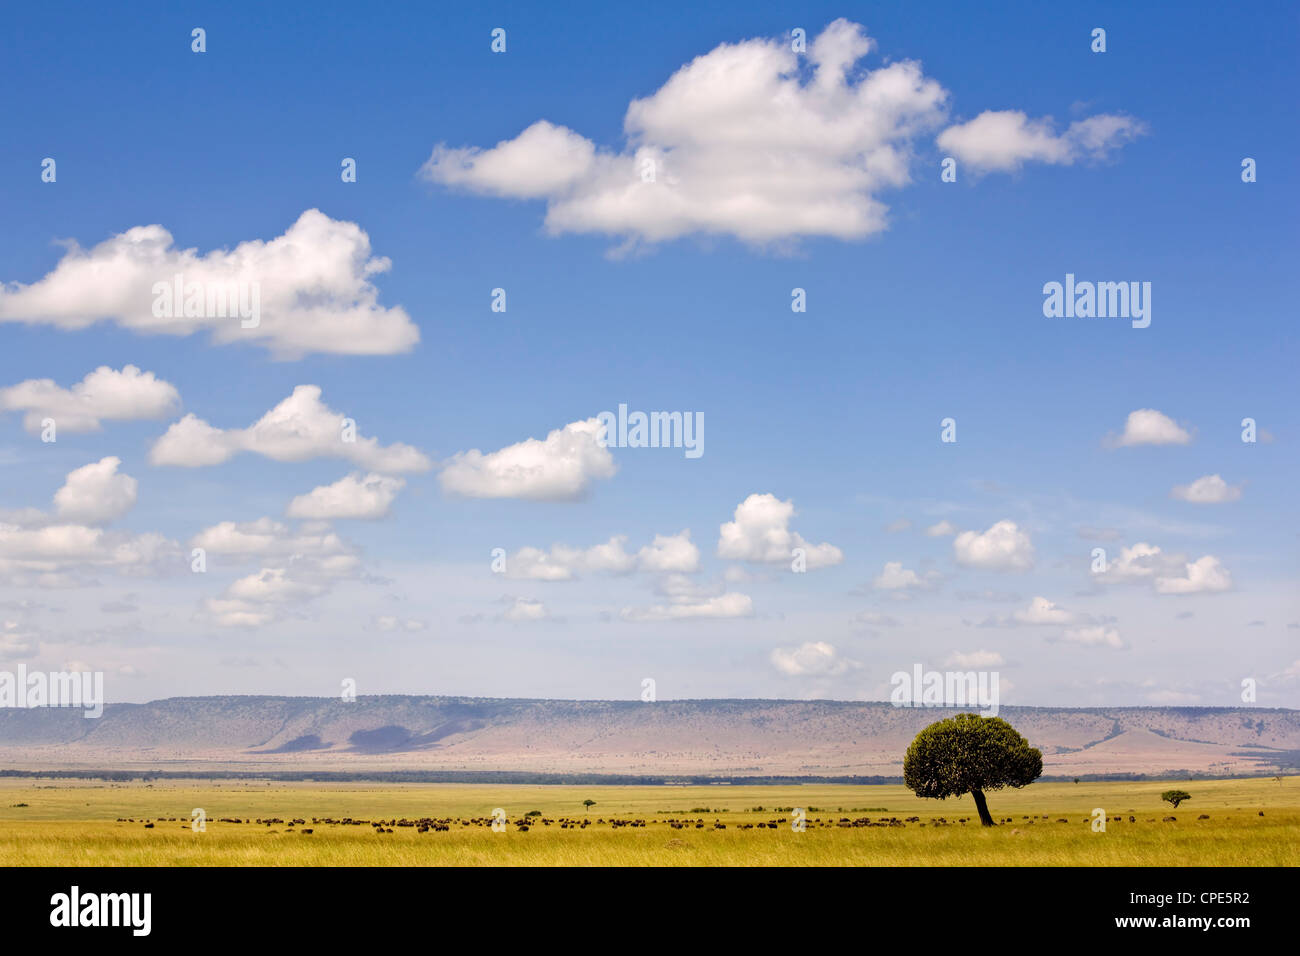 Un troupeau de bisons éclipsées par l'immensité de la plaine de Masai Mara, Kenya, Afrique de Photo Stock